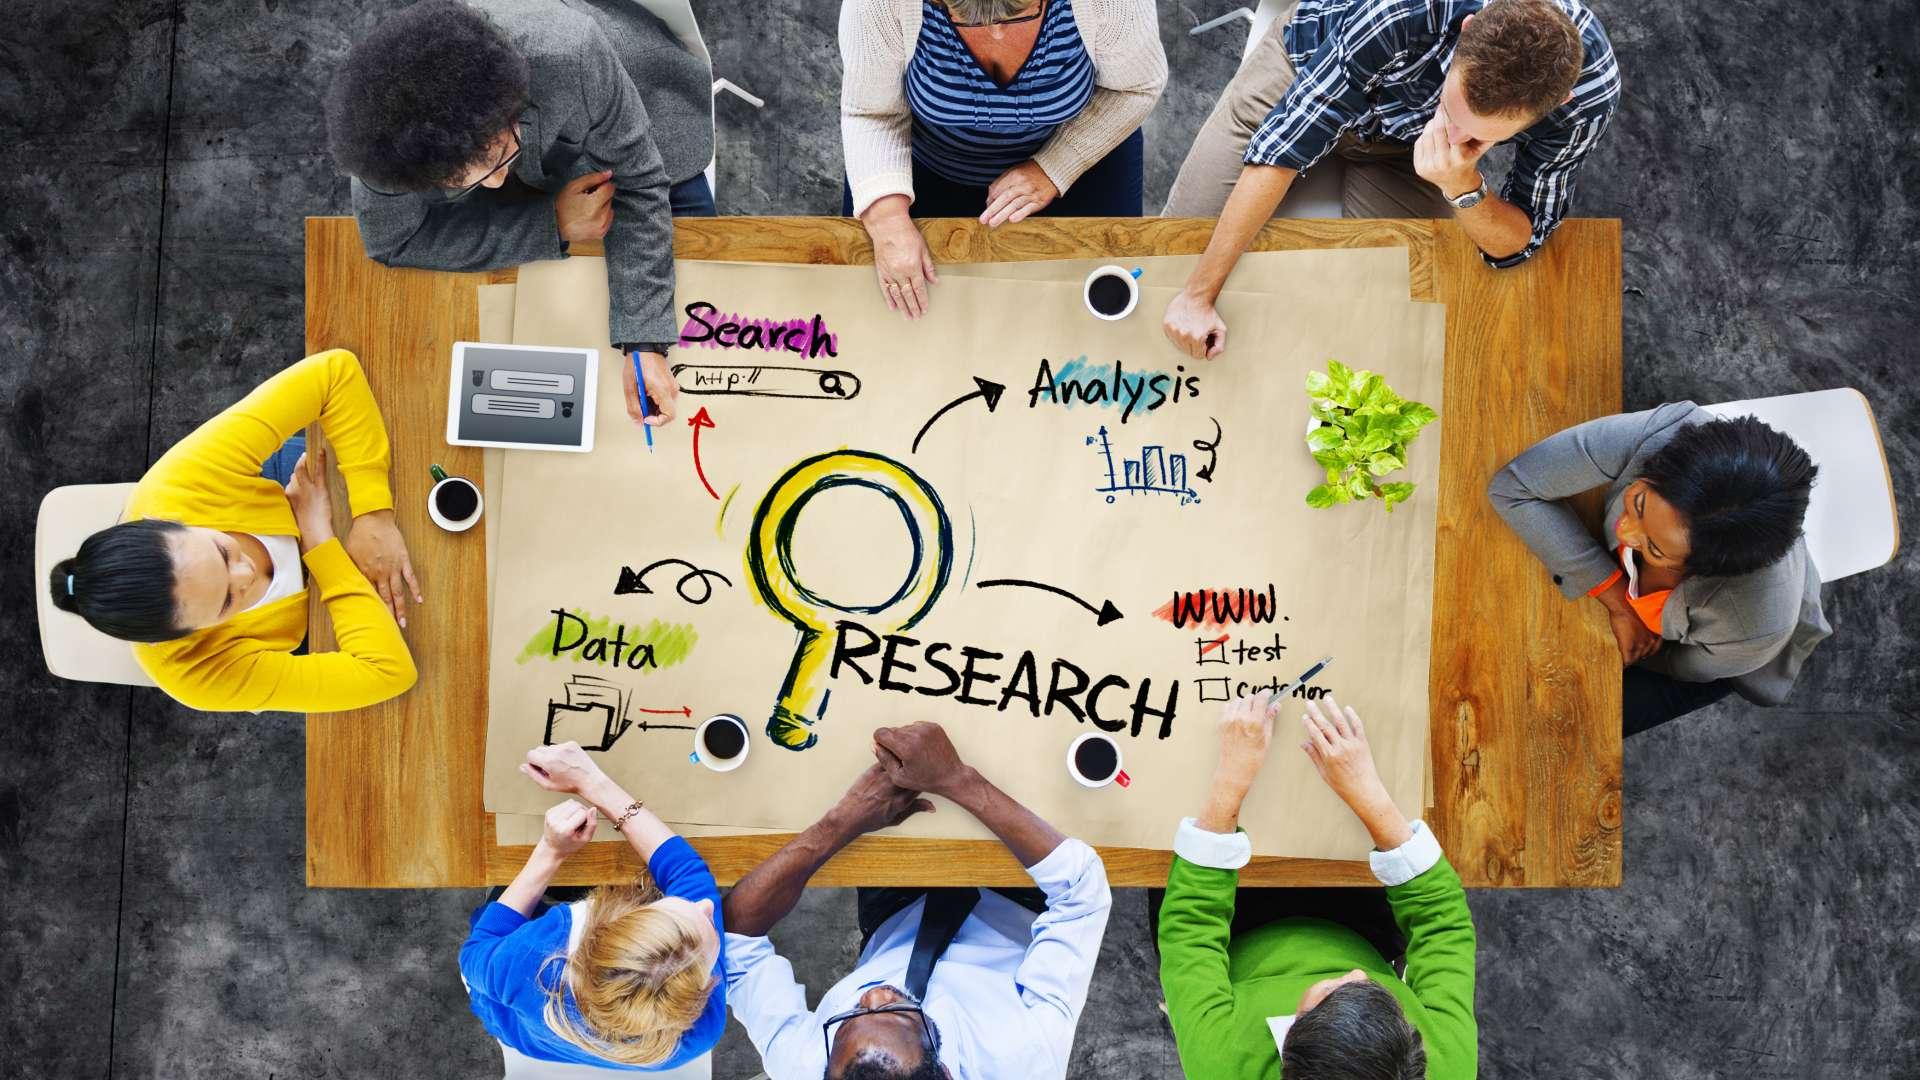 Nowa jakość usług strategiczno-badawczych strategia Mediarun analiza 66689102